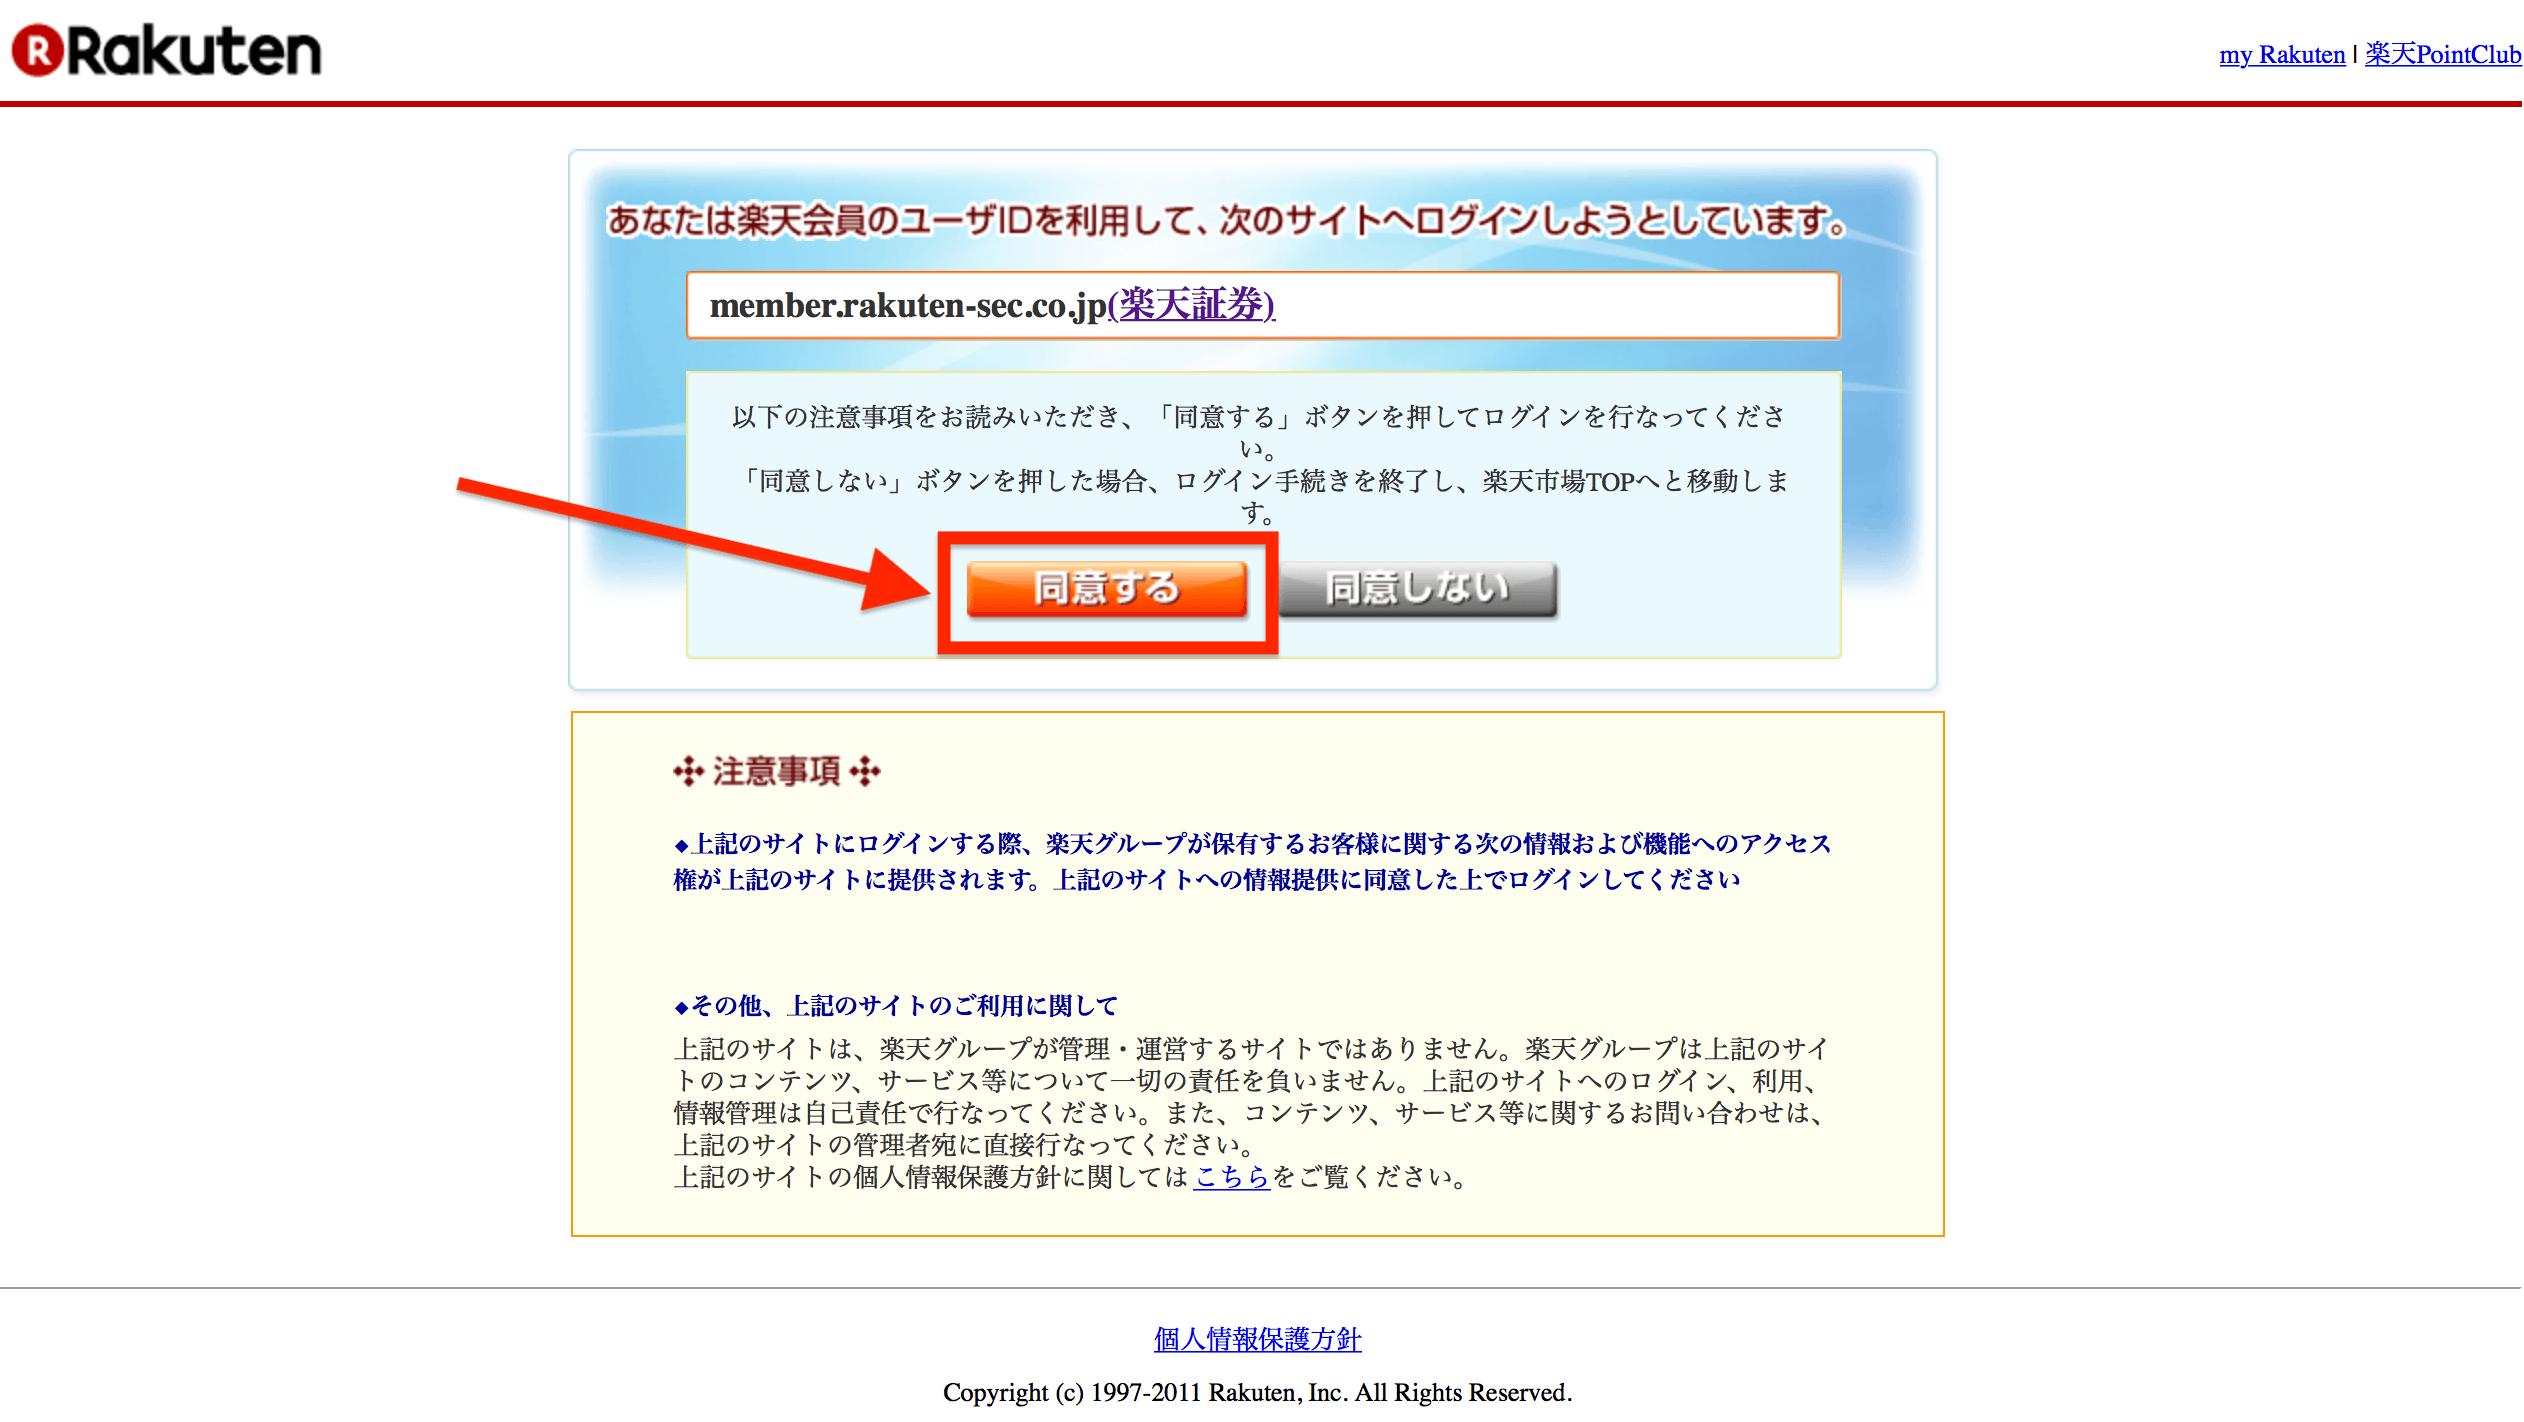 楽天会員のユーザーIDで楽天証券へログインすることへの同意画面